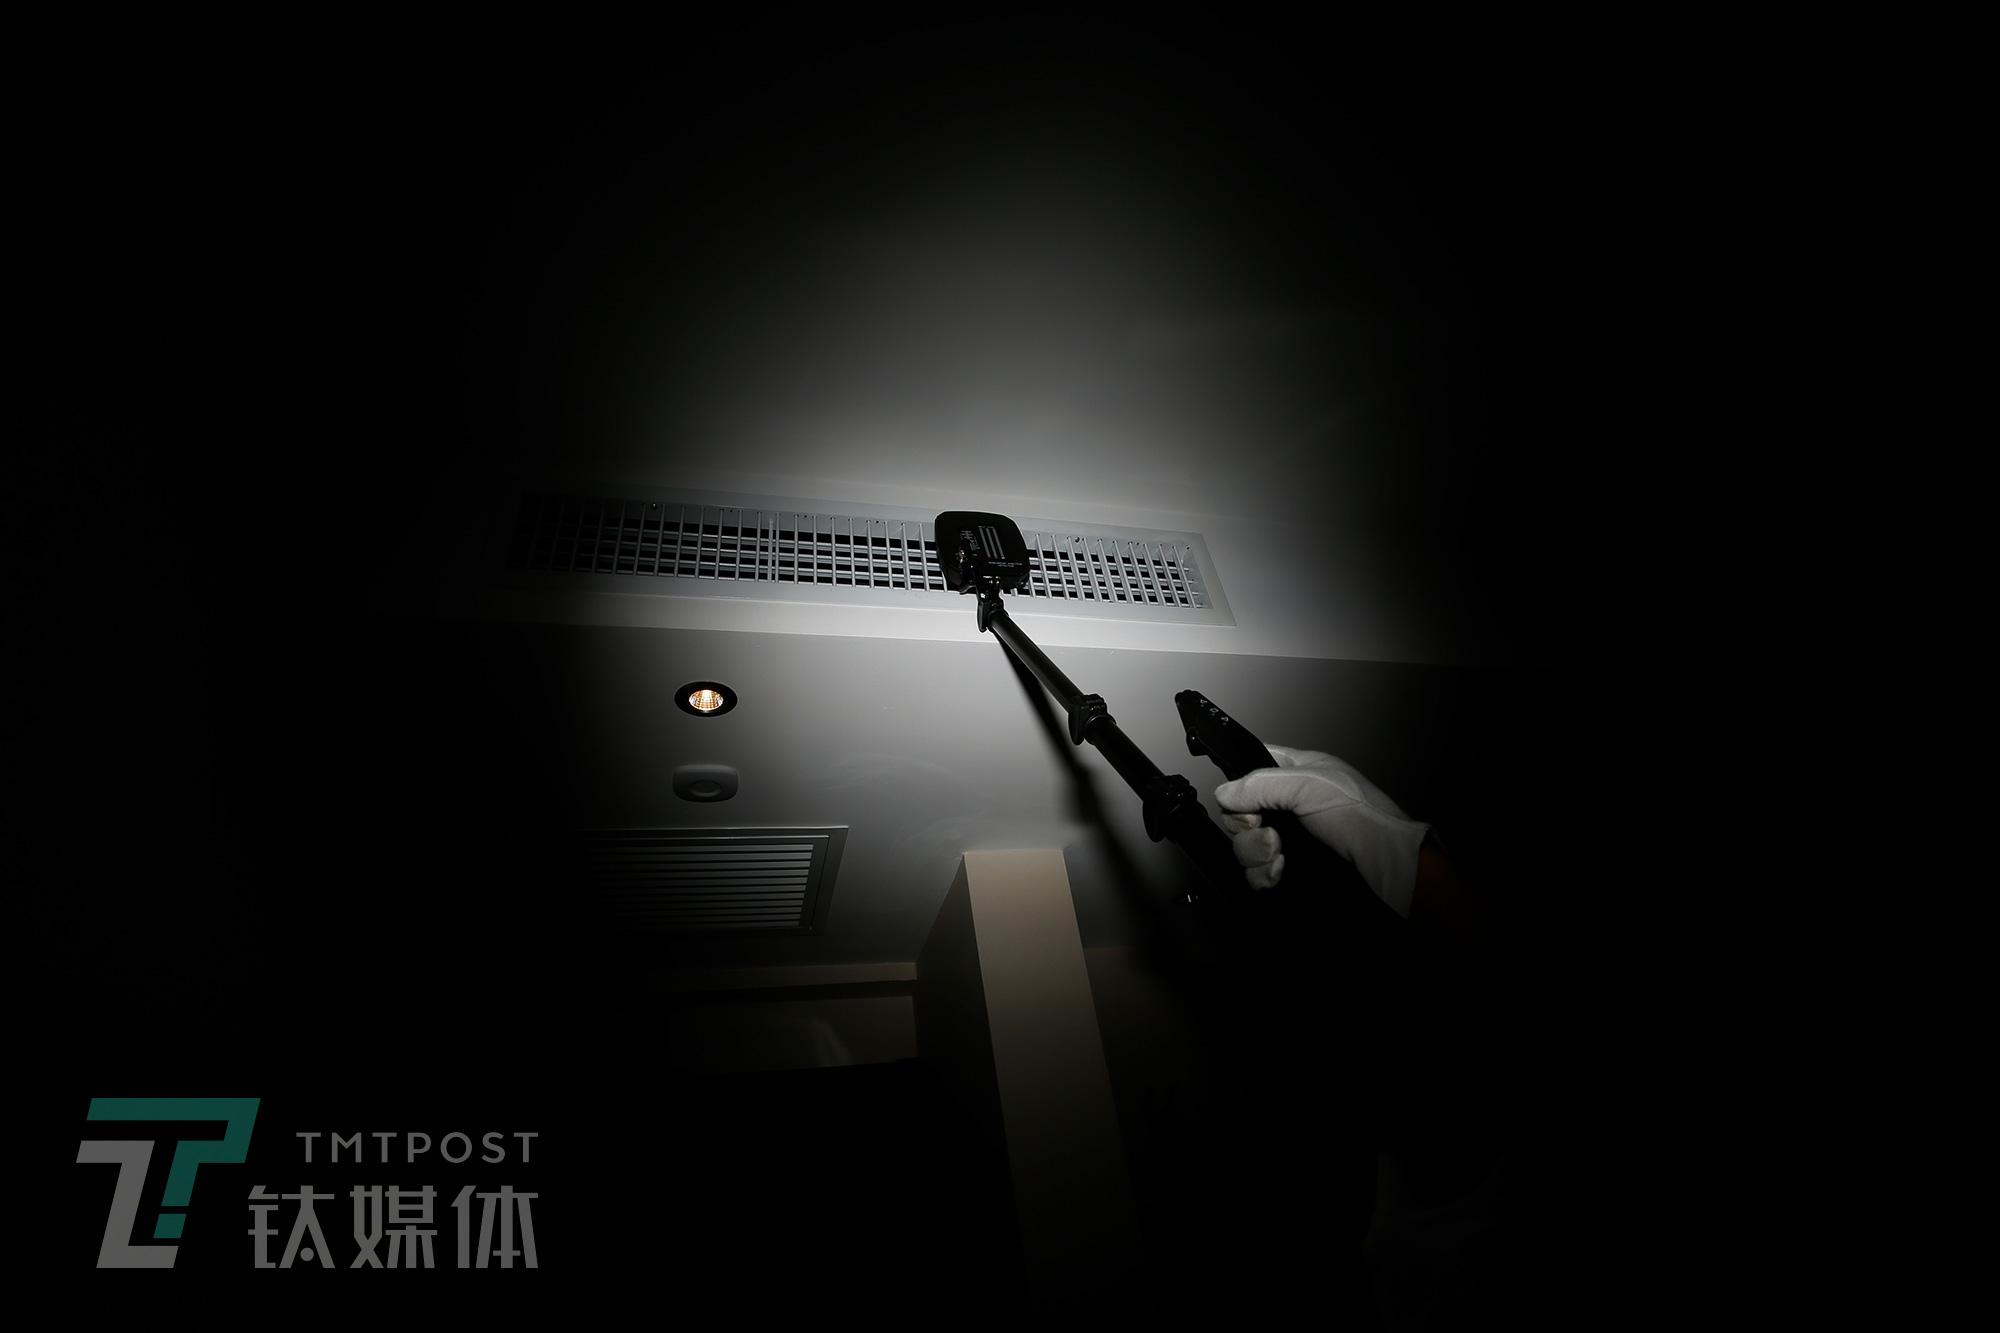 何志会向钛媒体《在线》演示使用节点探测仪检测酒店房间中央空调出风口。2018年9月,深圳一家星级酒店,客人正是在空调出风口发现了一个针孔摄像头。